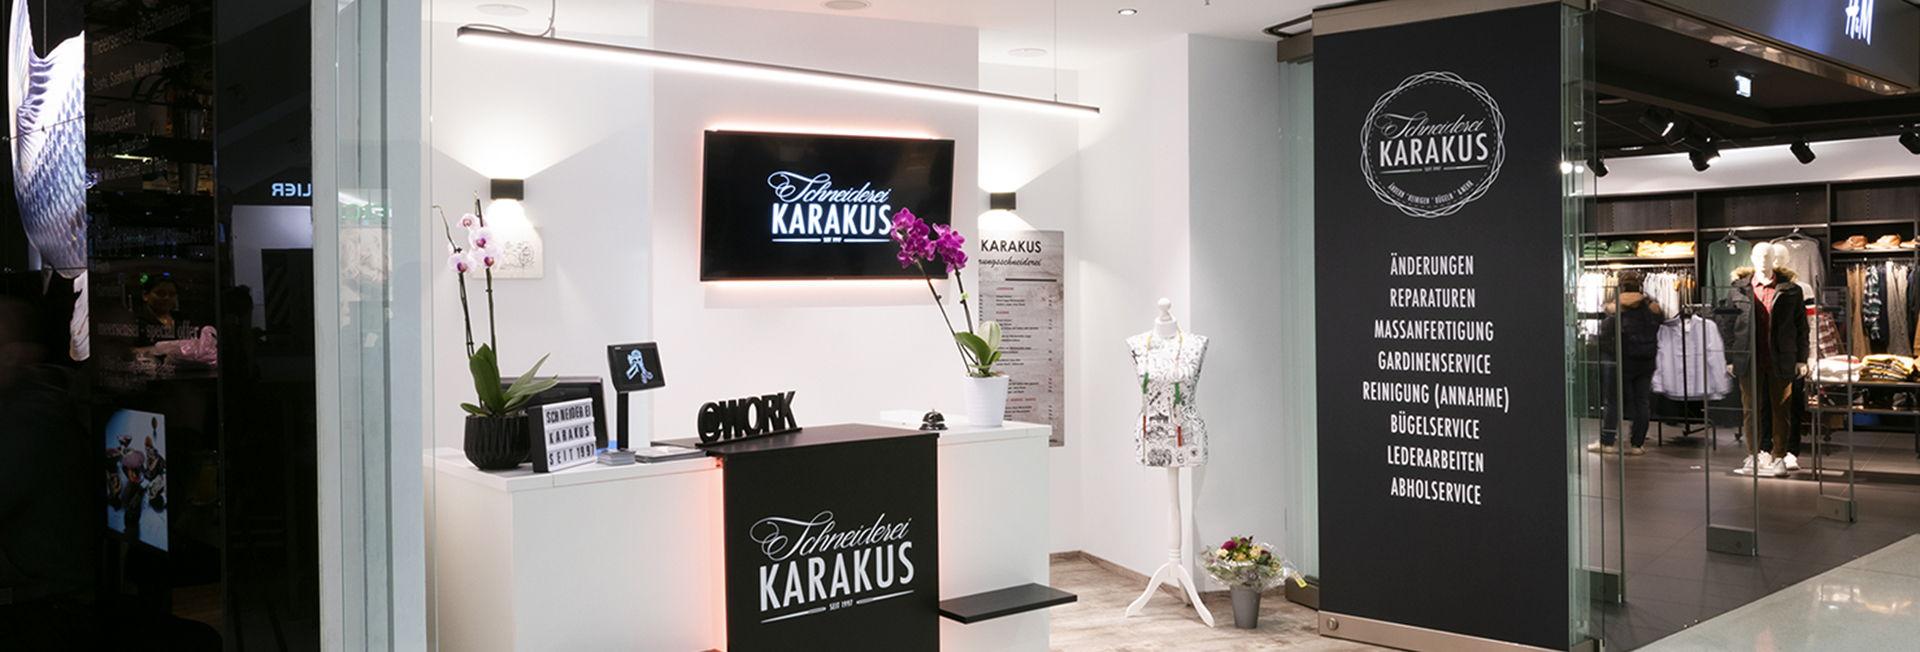 Änderungsschneiderei Karakus im Untergeschoss